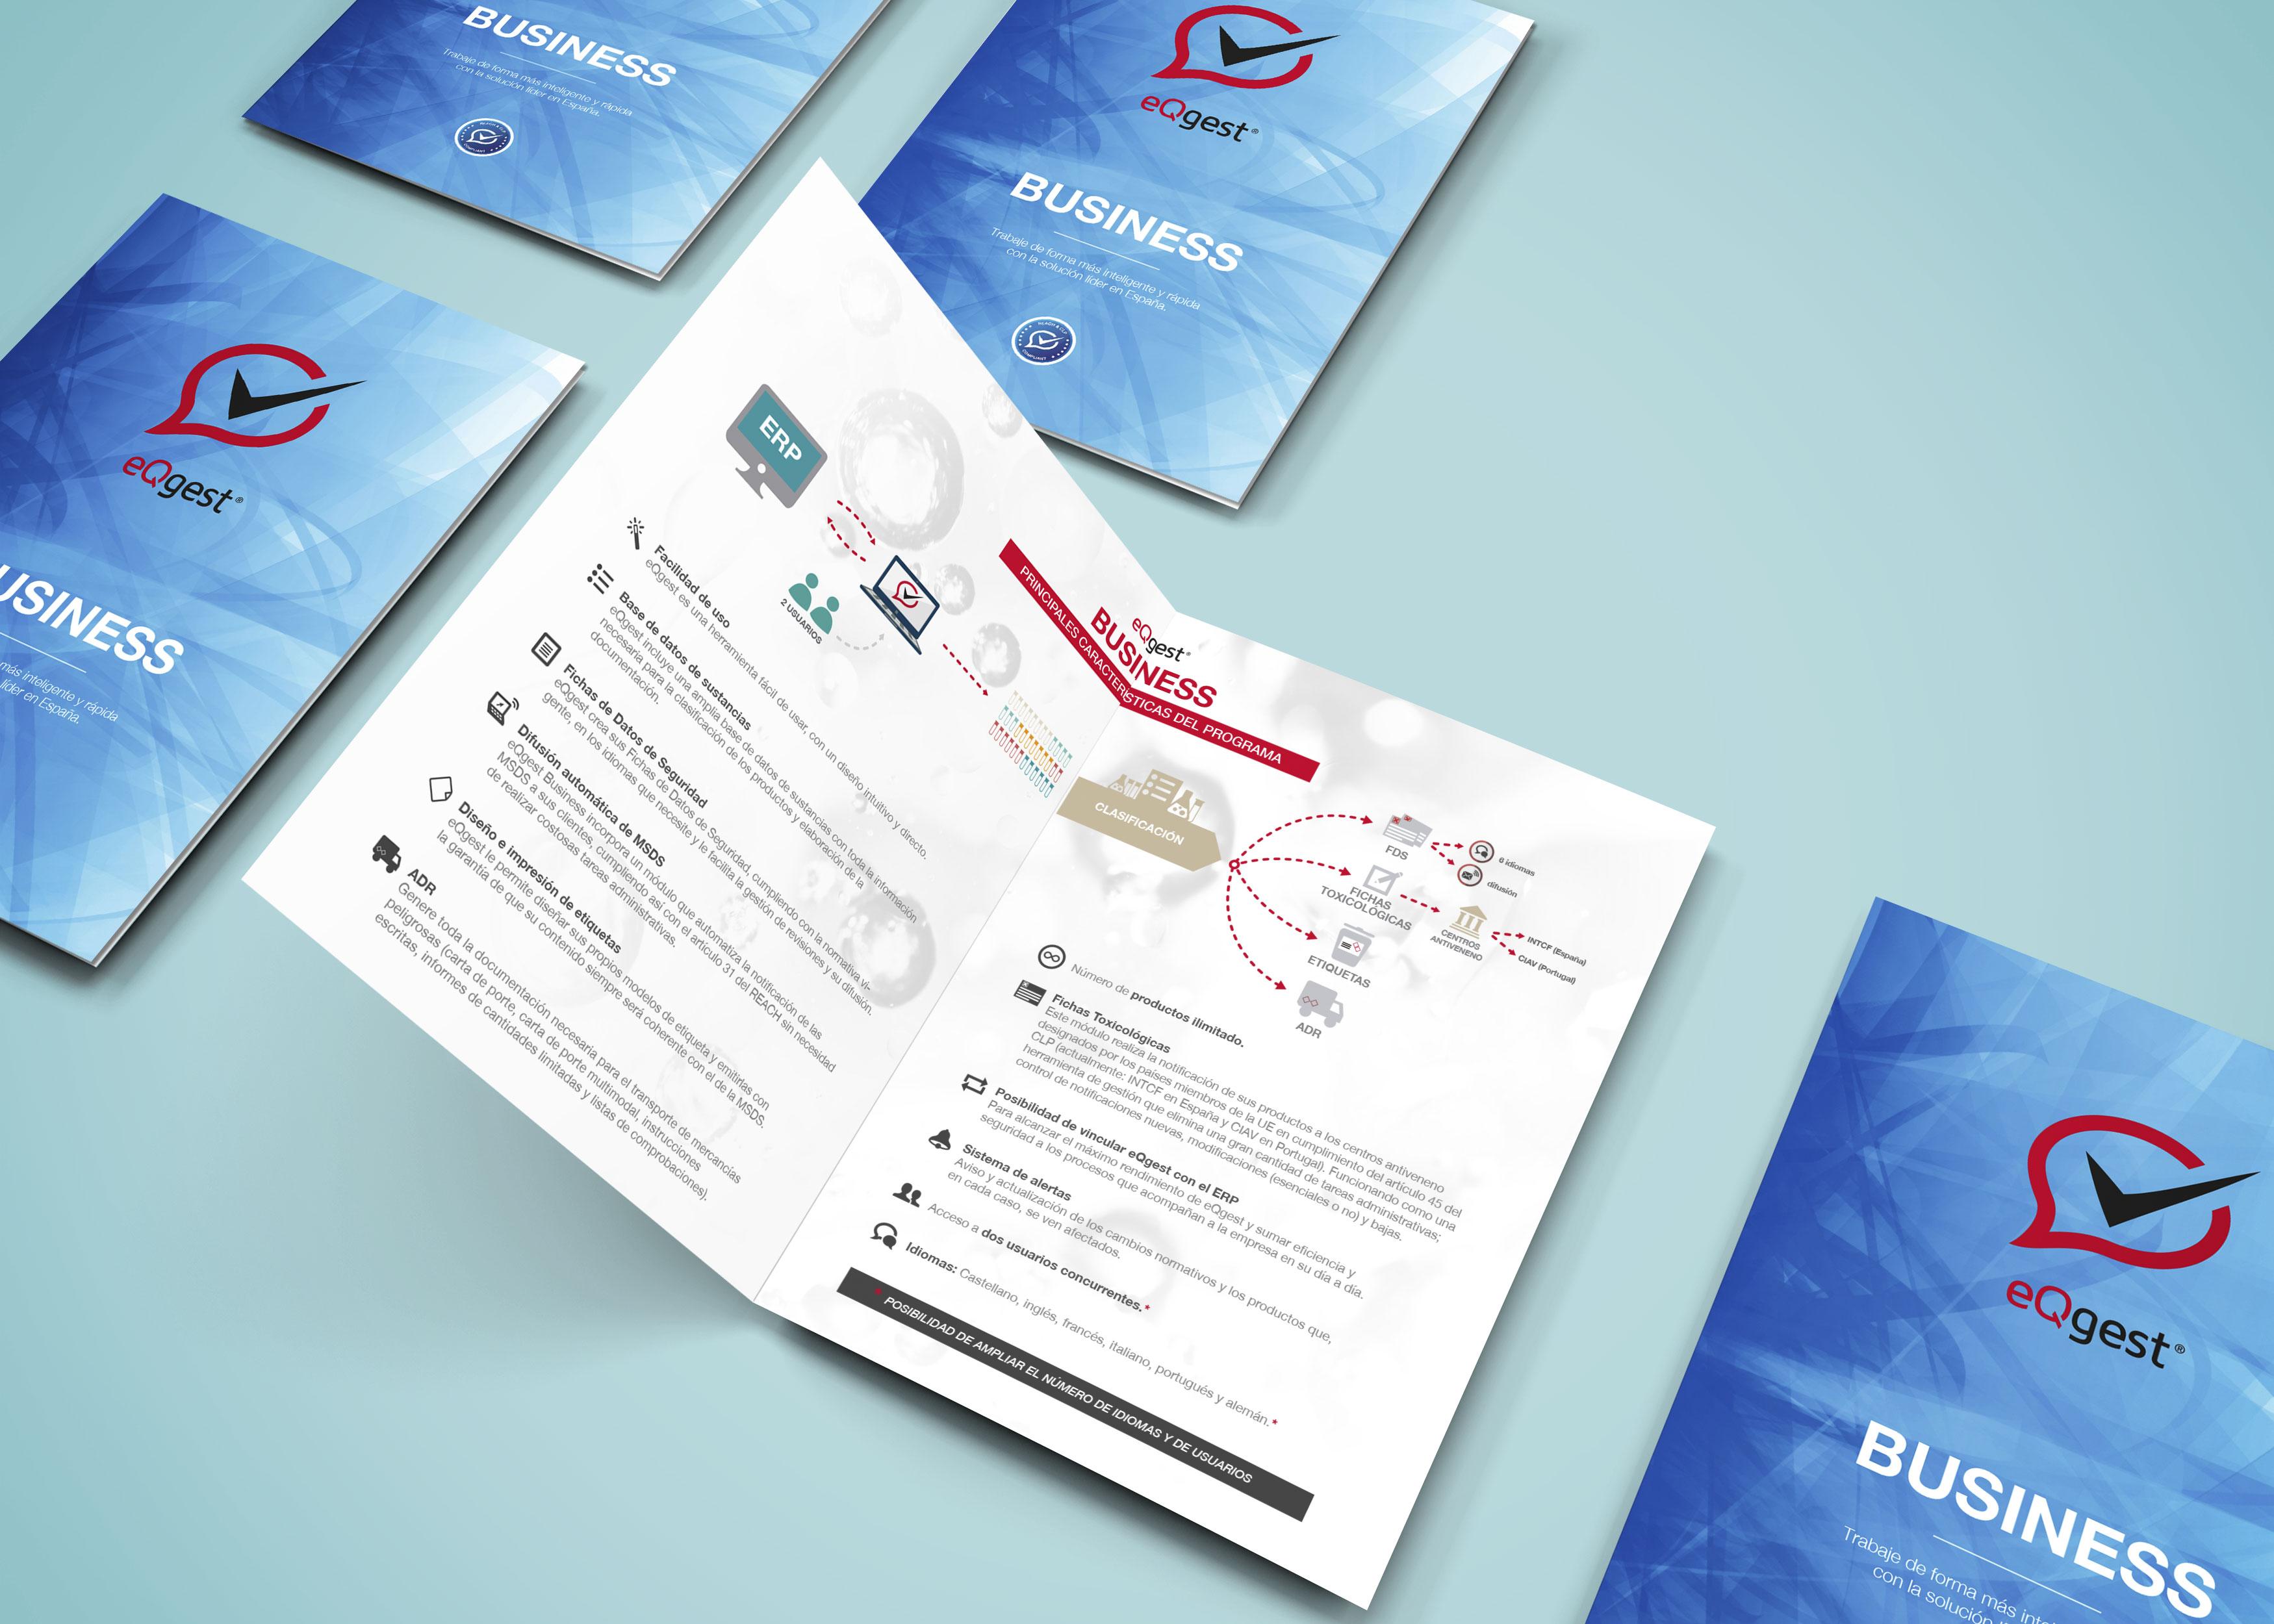 Diseño de dossieres comerciales para el software eQgest de la empresa Cimkey